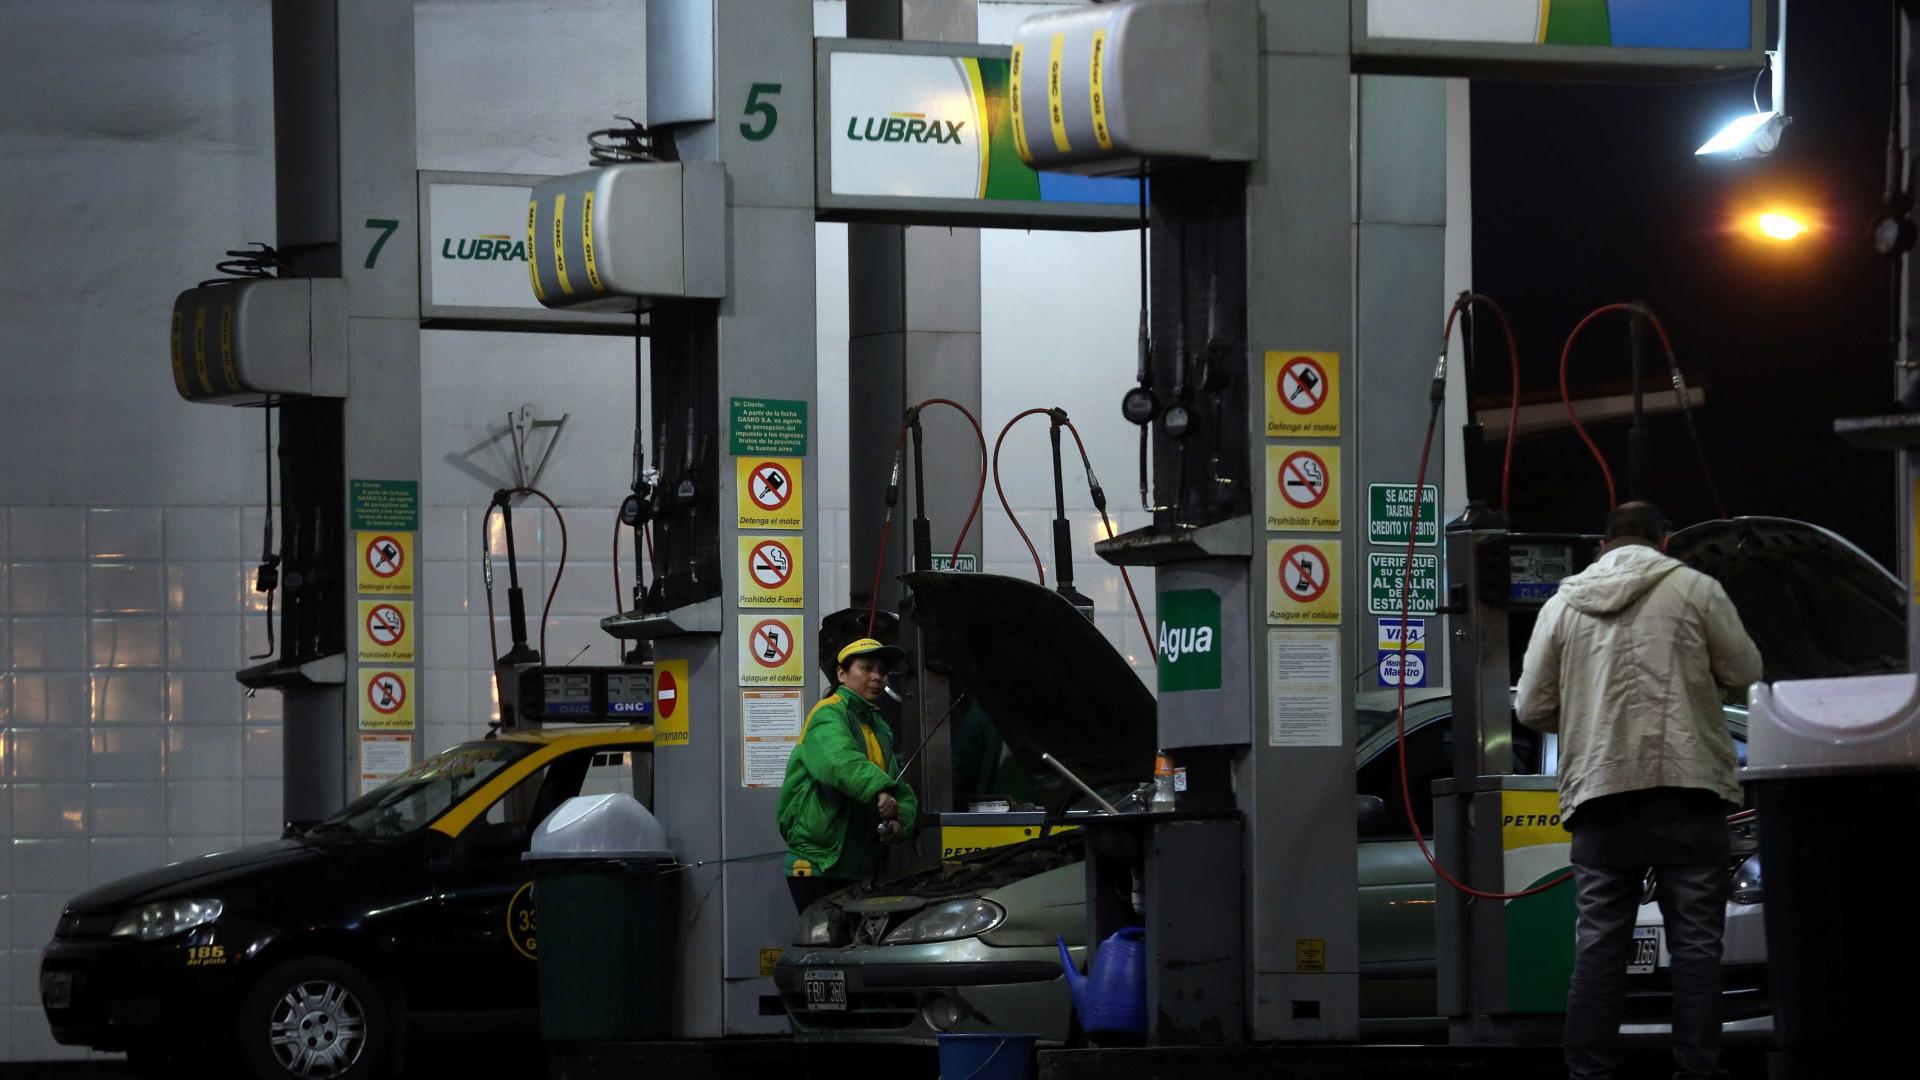 Doria sanciona lei contra consumo de álcool em postos de combustíveis